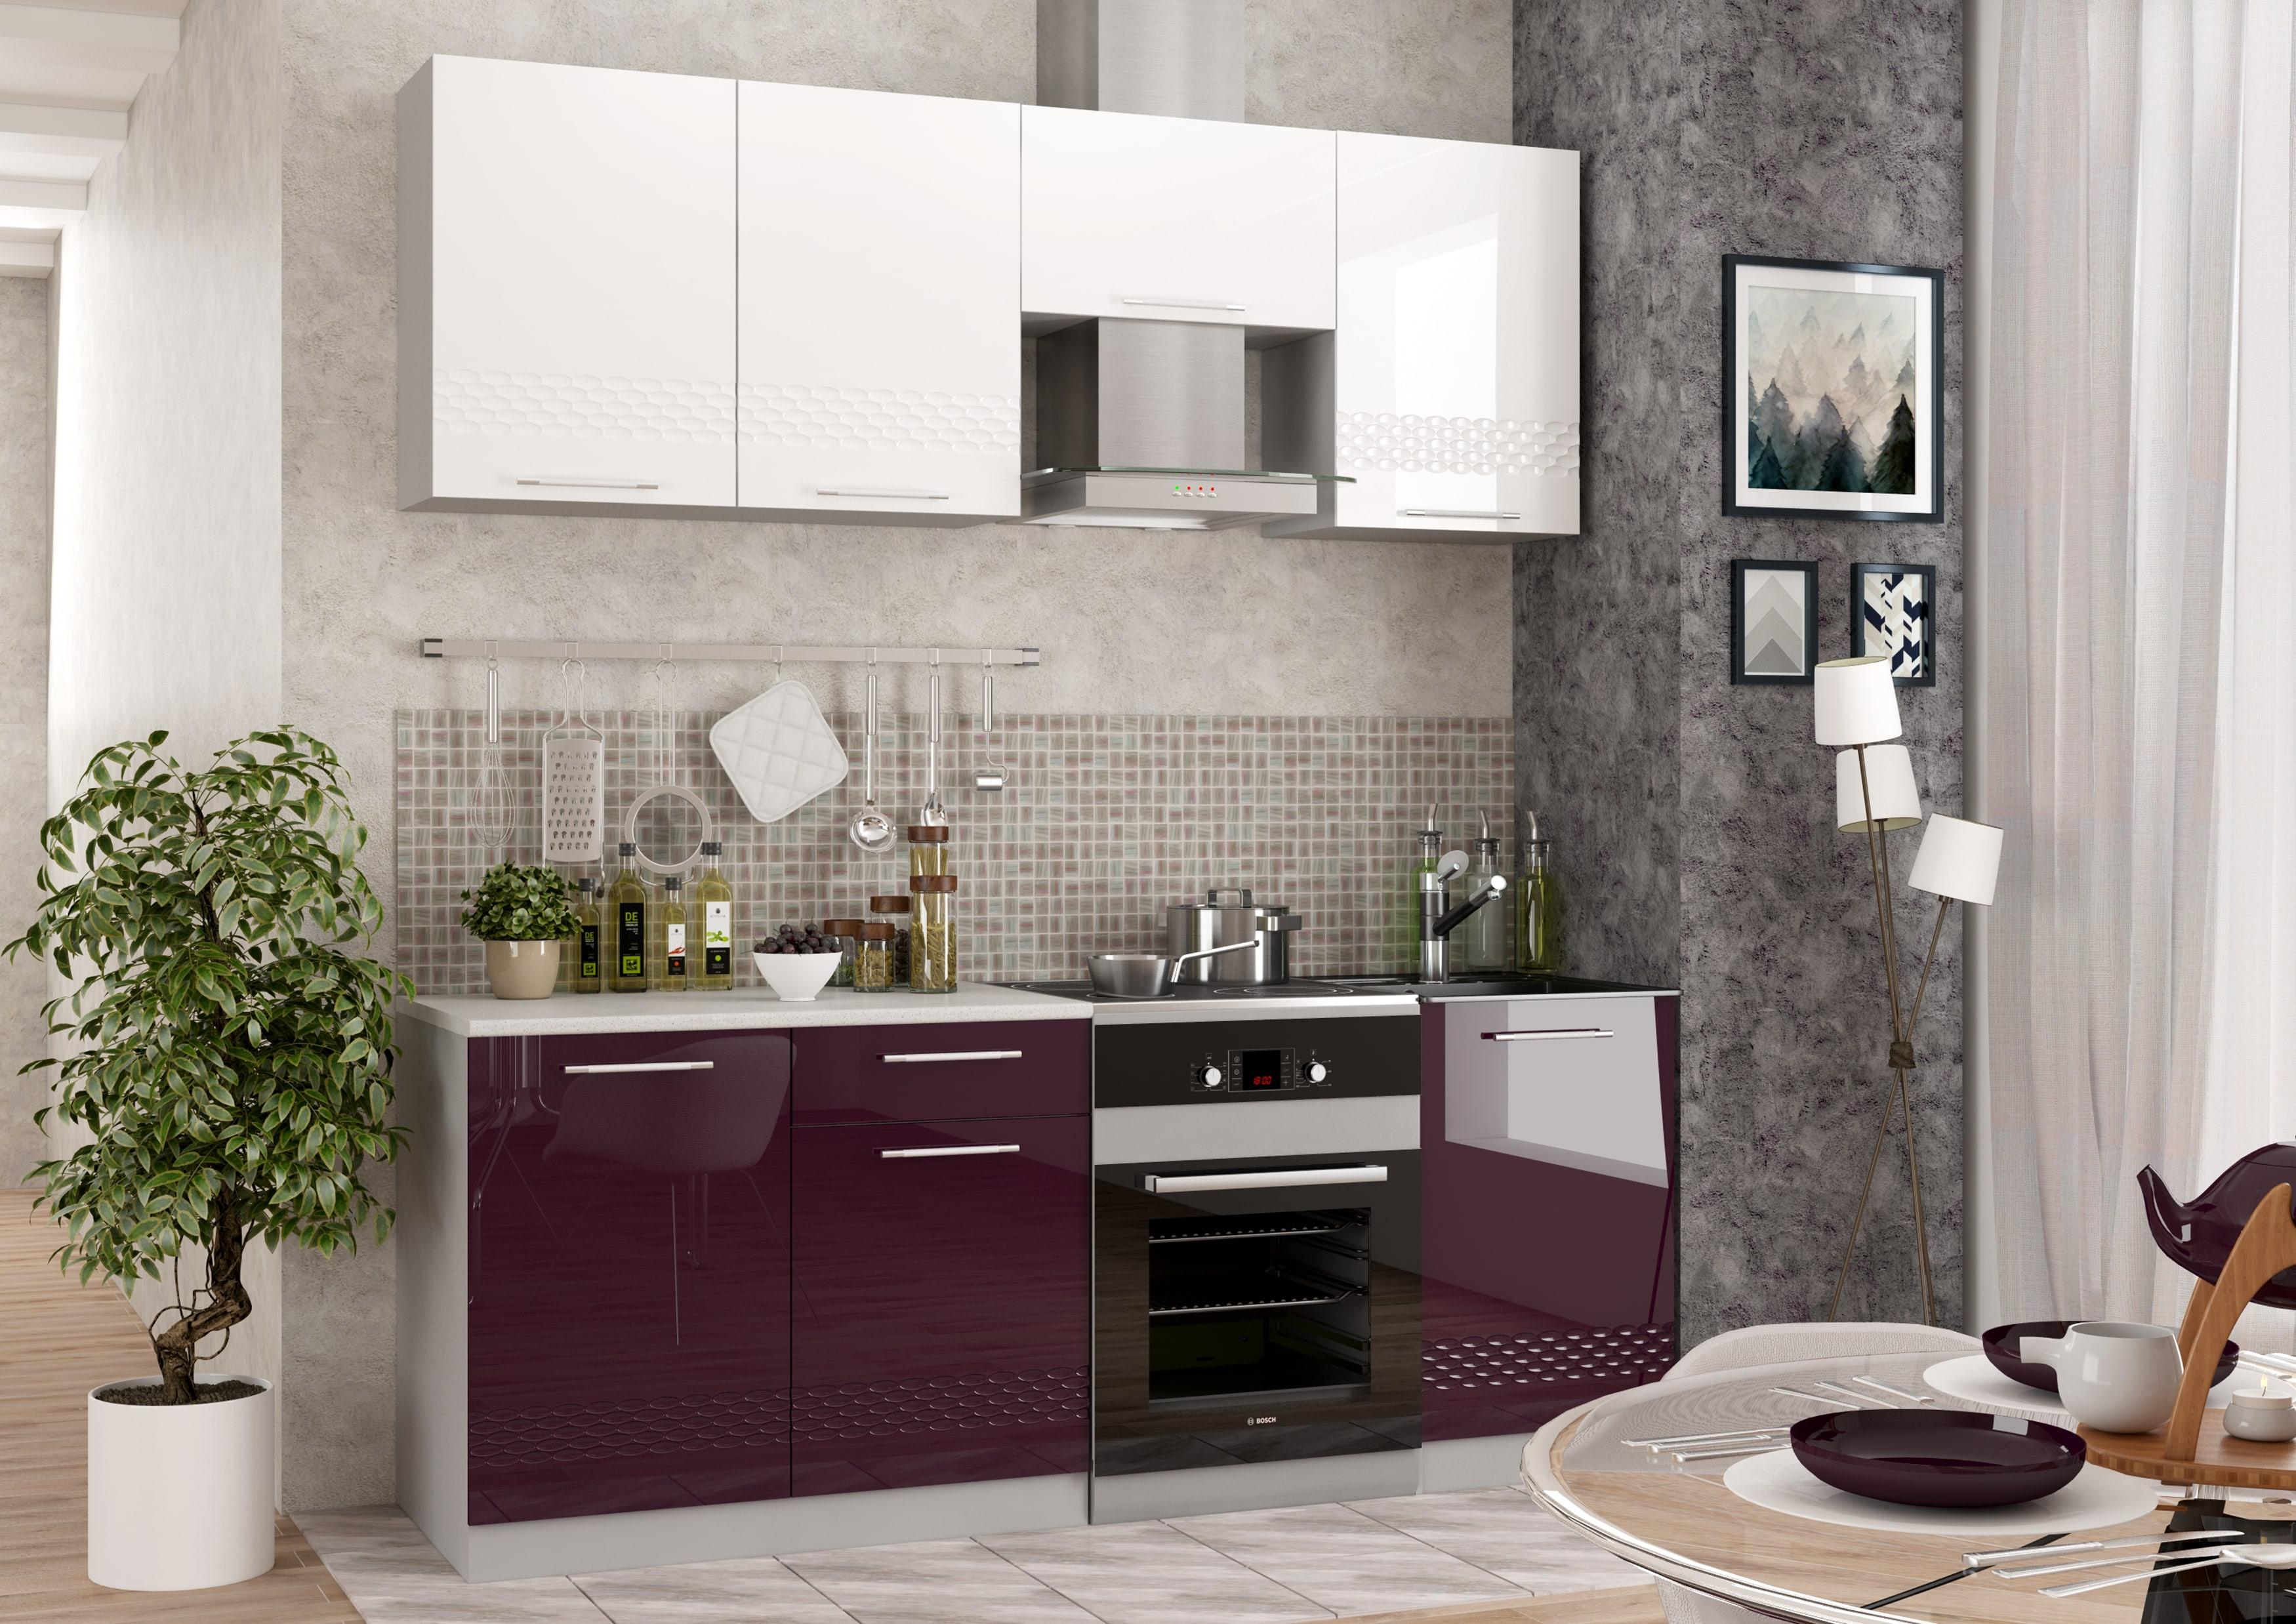 Кухня Капля 3D СМ 500 Шкаф нижний мойка петли слева